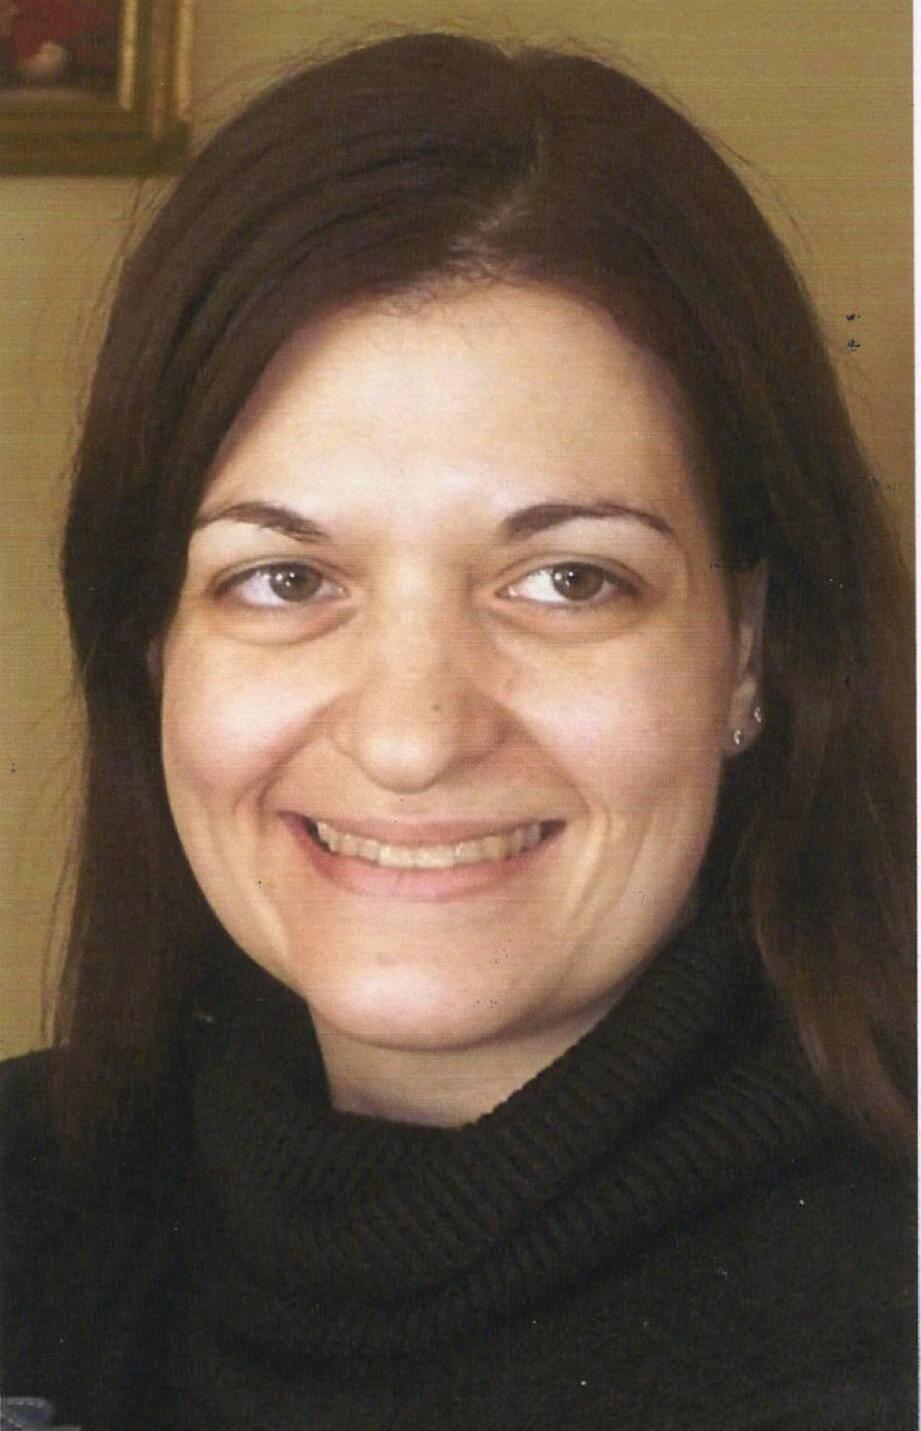 Lætitia Navarro-Piernas avait quitté subitement son domicile grassois il y a quinze jours. Son véhicule a été retrouvé hier au fond d'un ravin dans le haut pays grassois. Une autopsie du corps découvert dans les parages permettra de déterminer s'il s'agit de celui de la disparue.